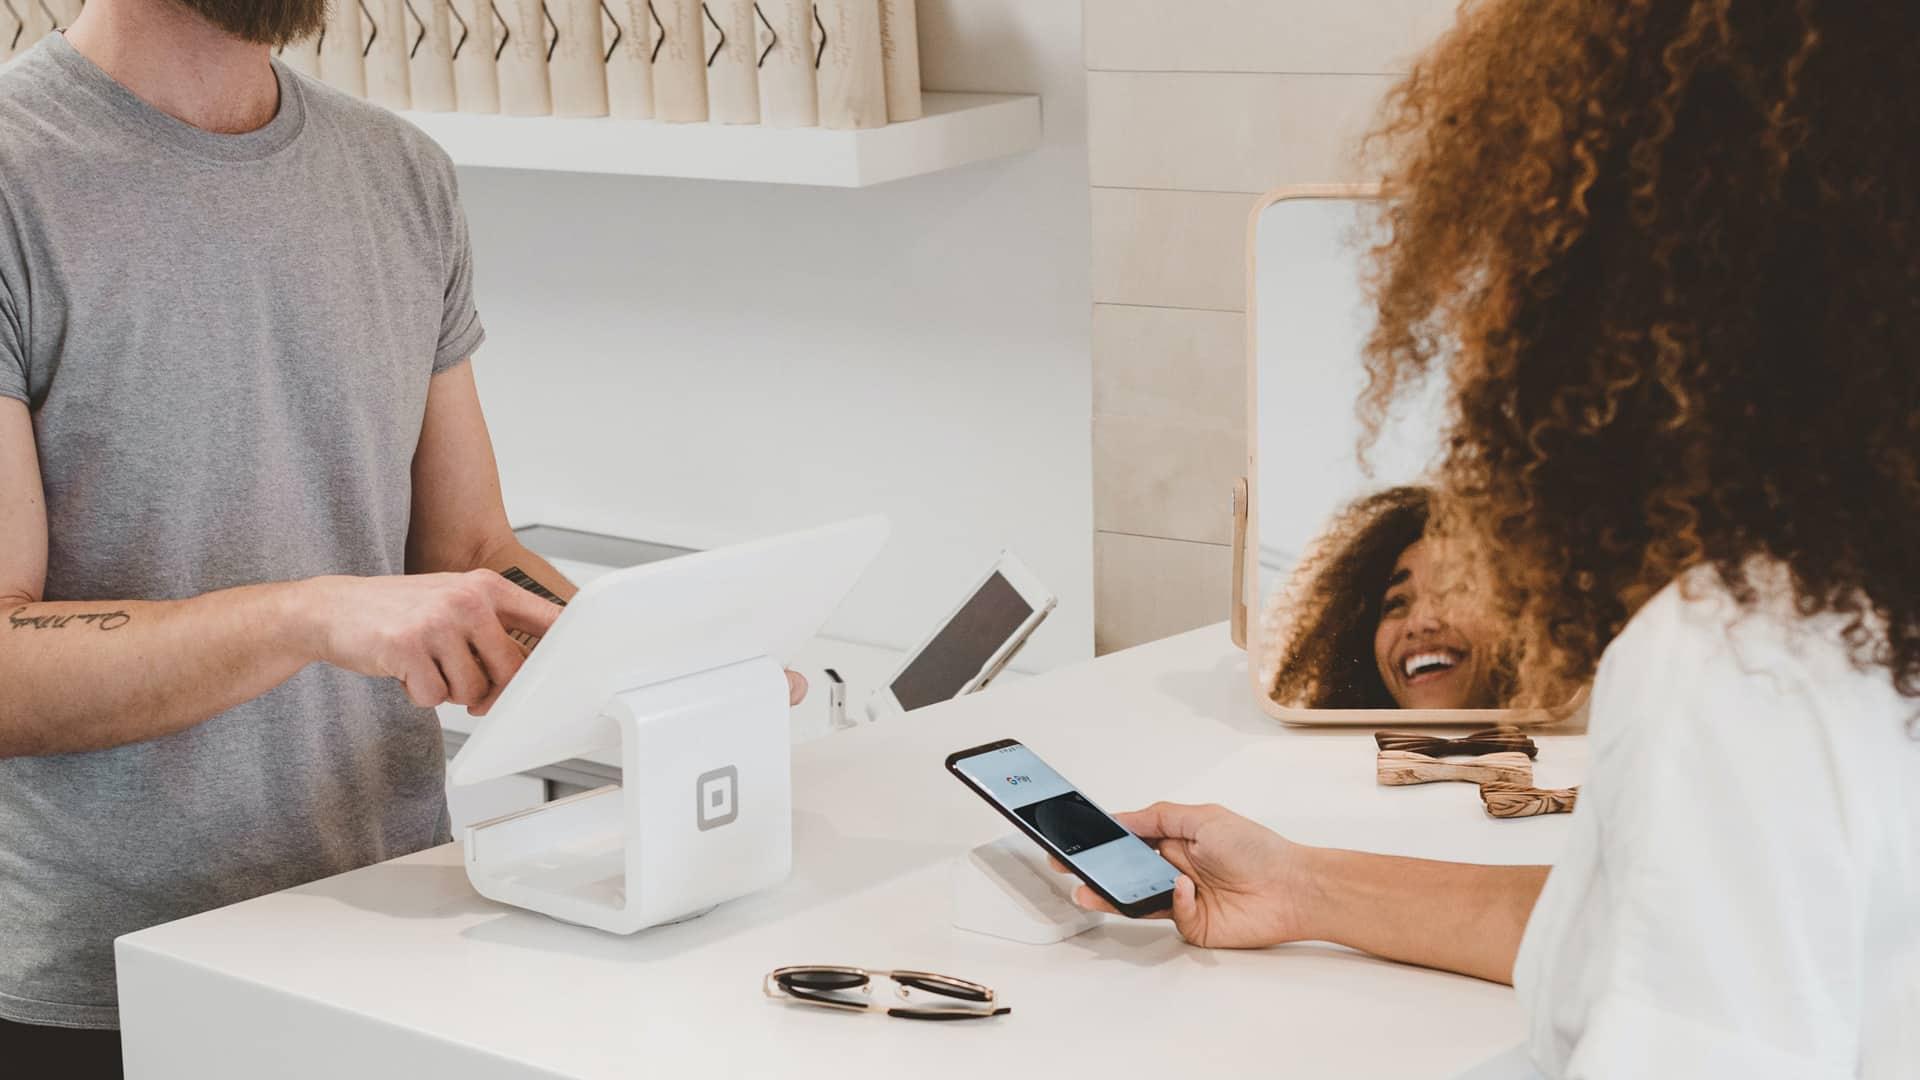 TPV Banco Santander: tipos, características y precios